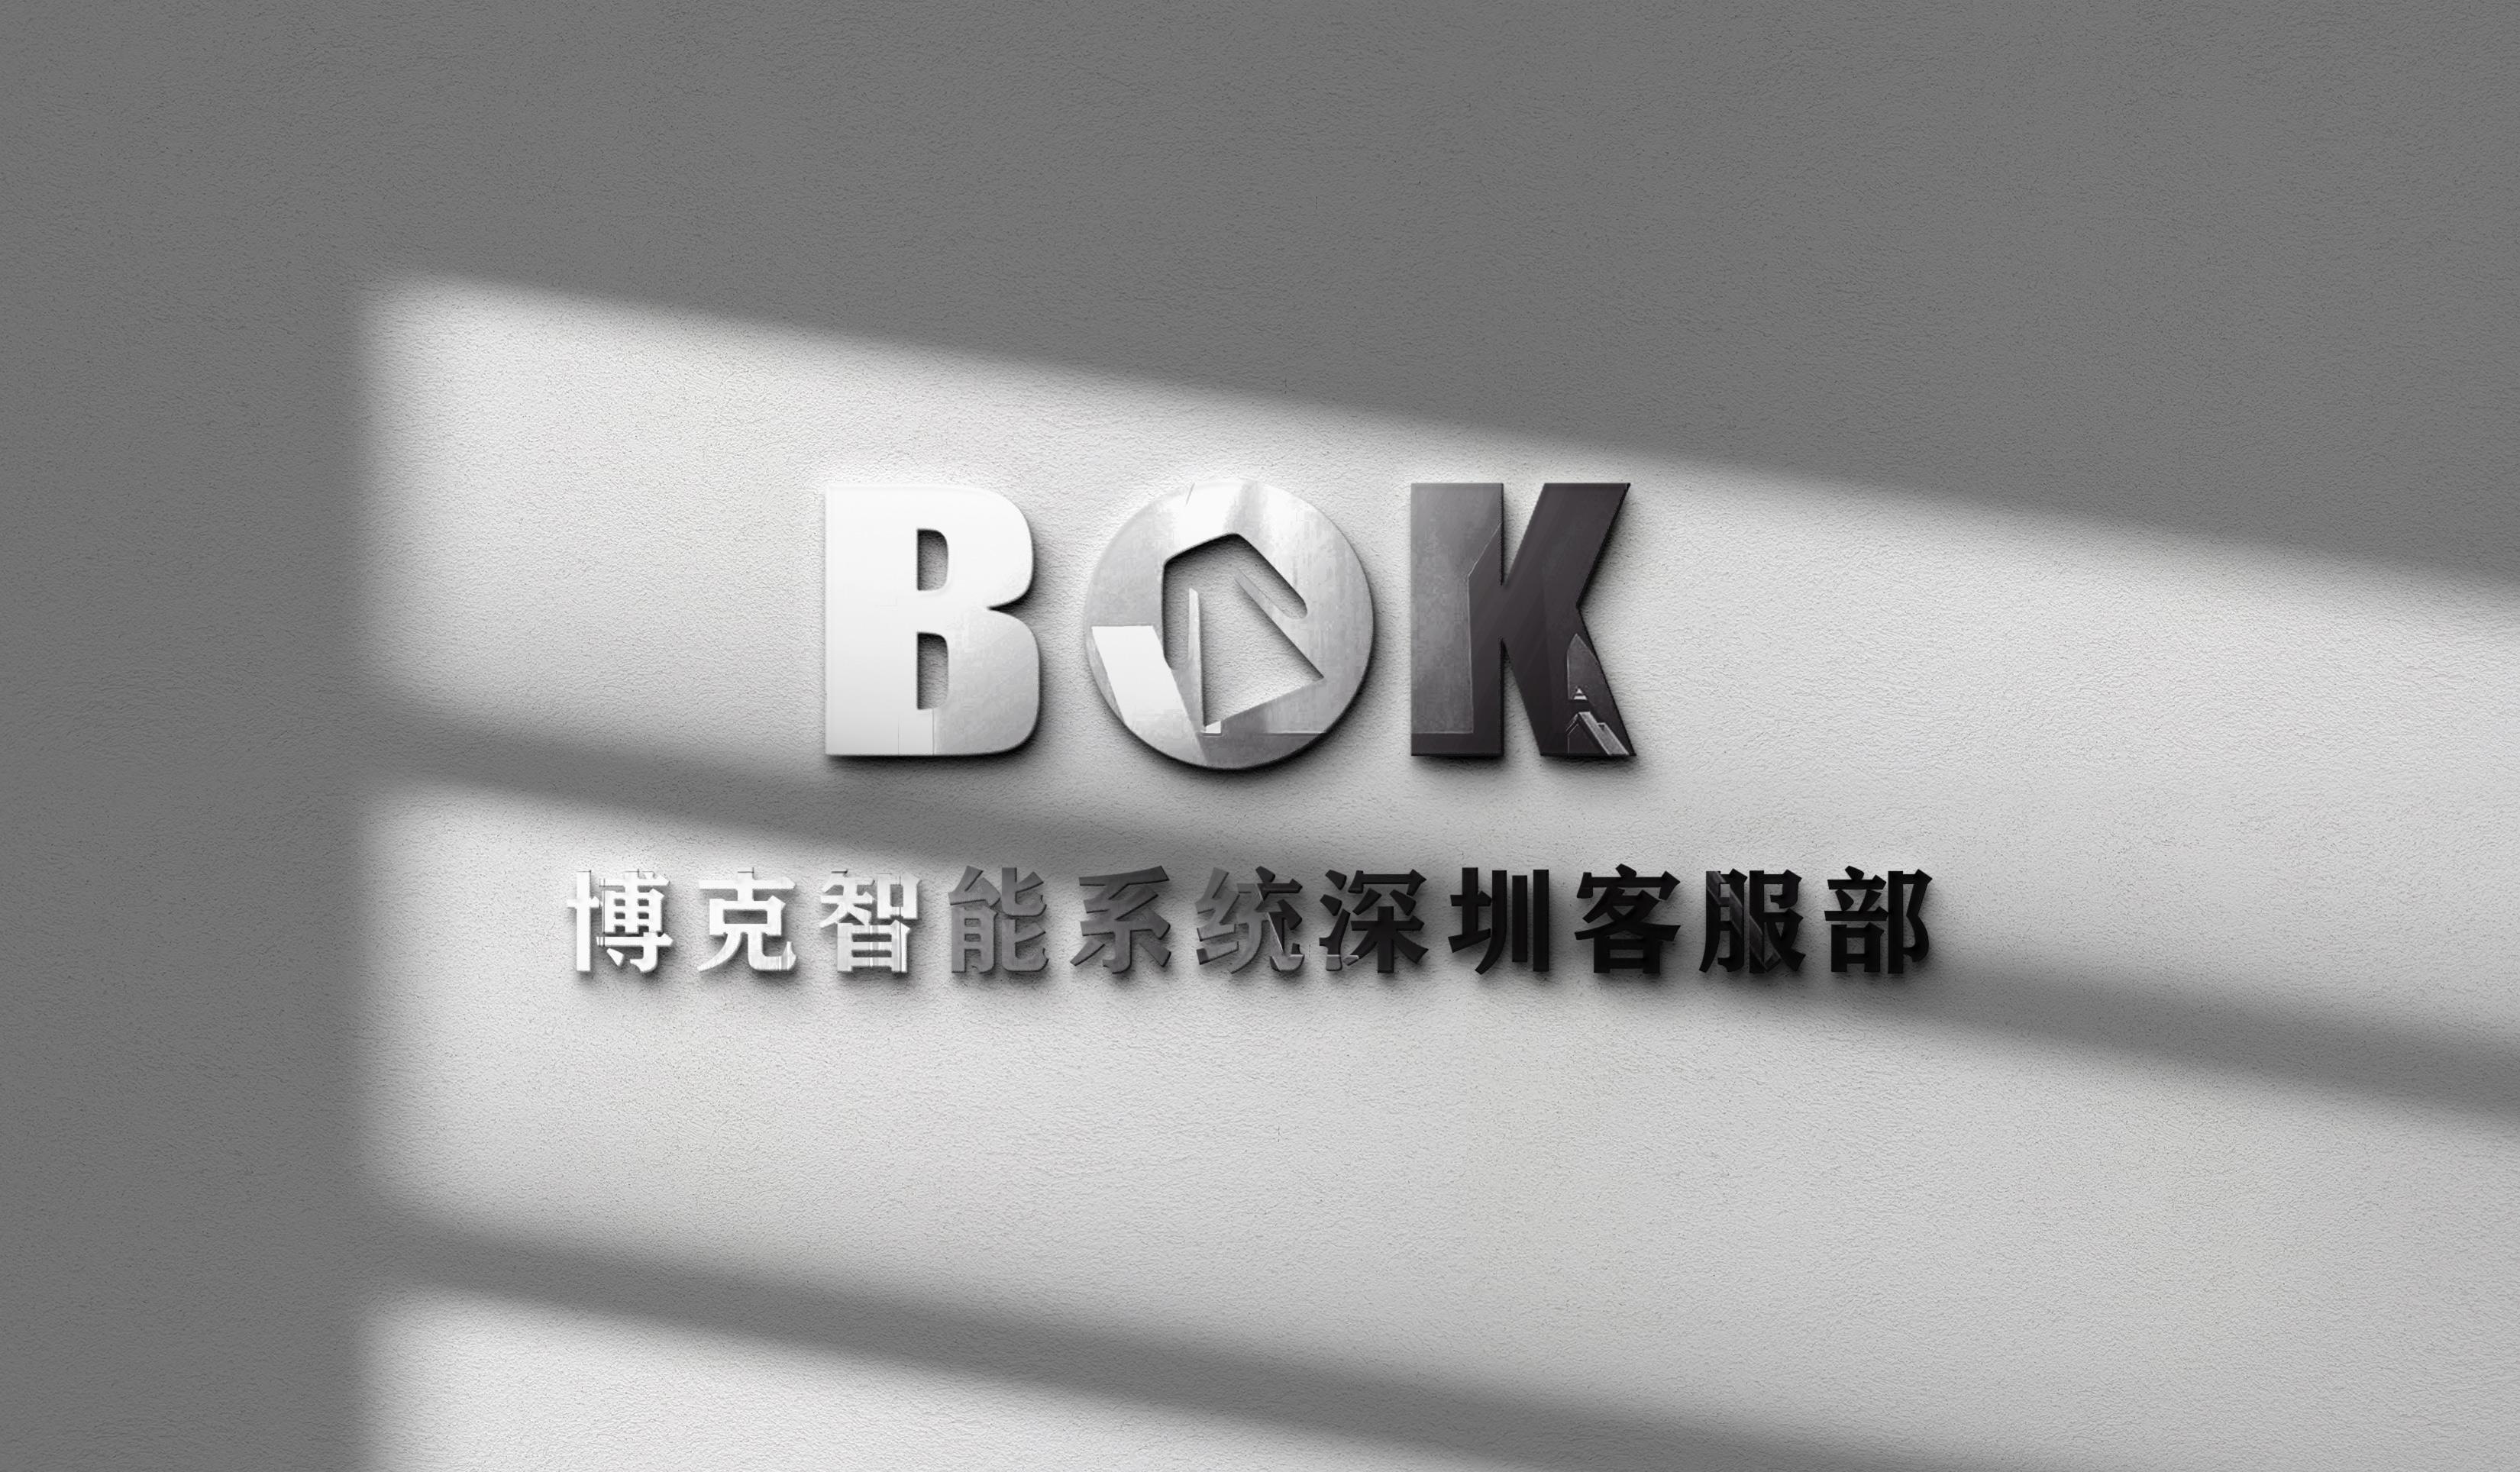 喜讯!博克科技客服部正式成立!